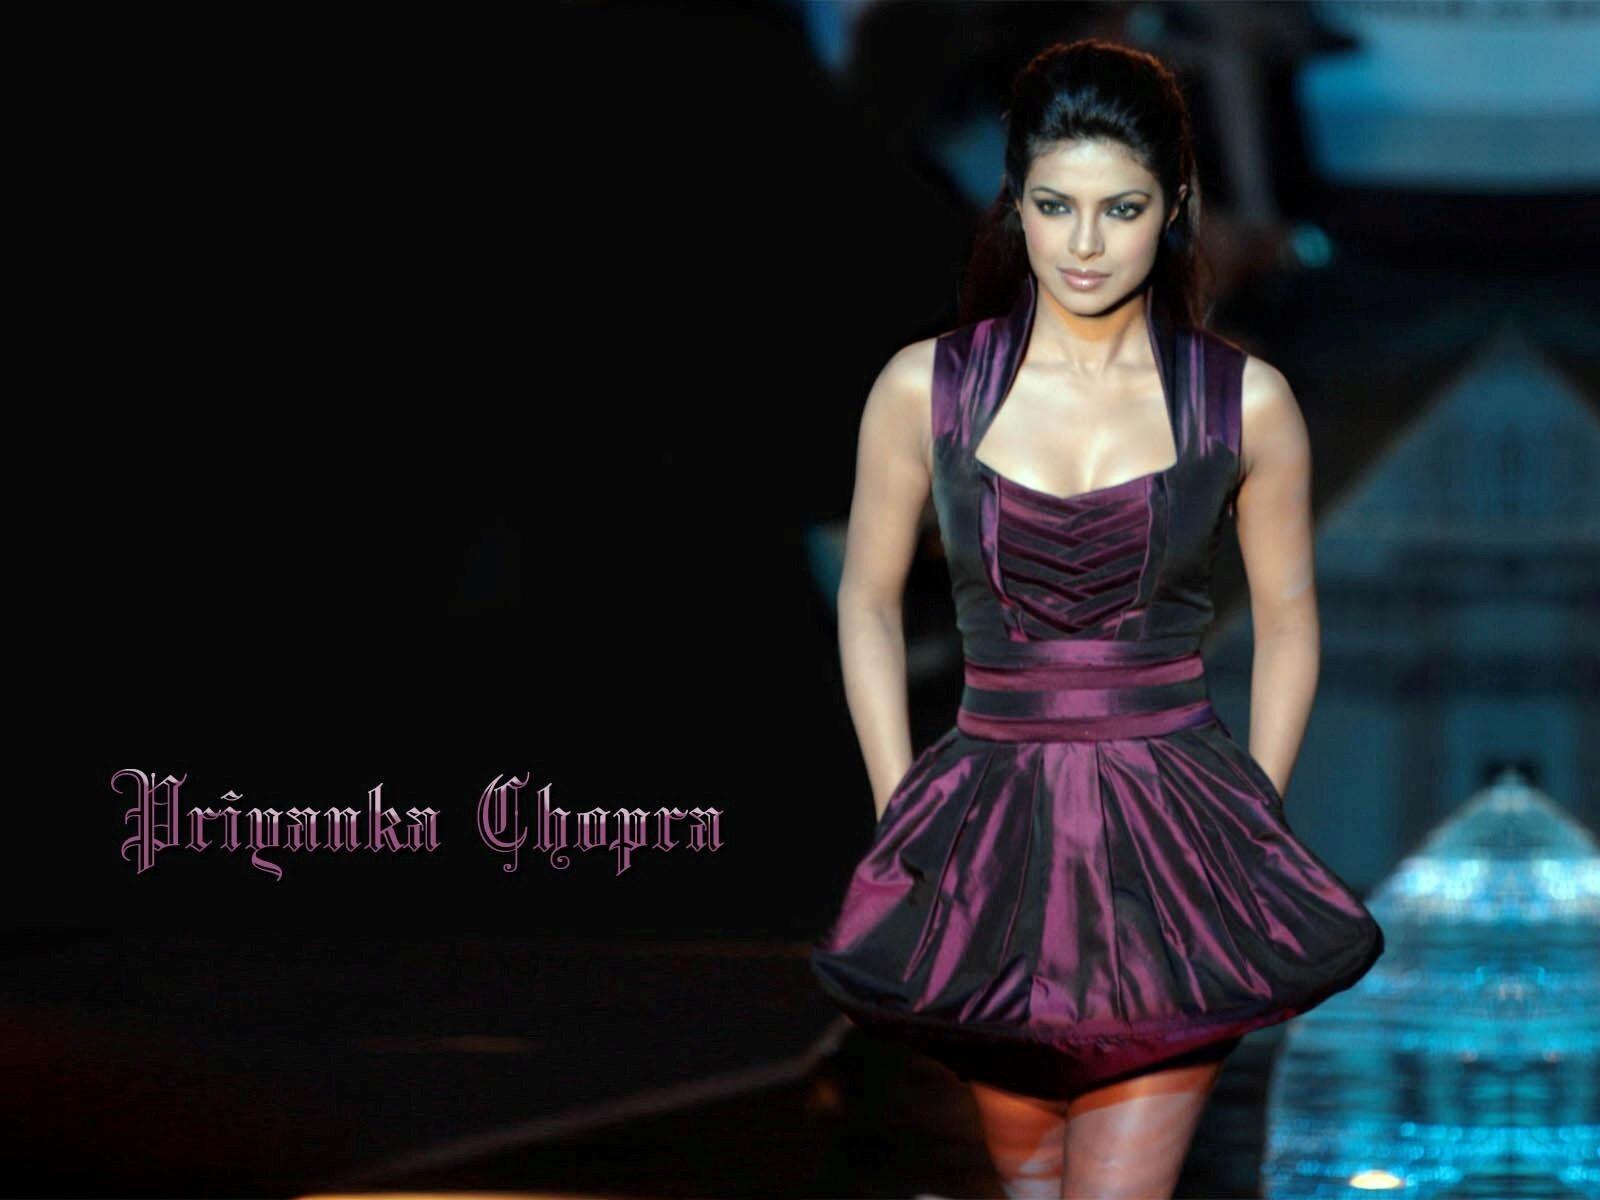 Priyanka Chopra Walking On Ramp Hd Wallpapers